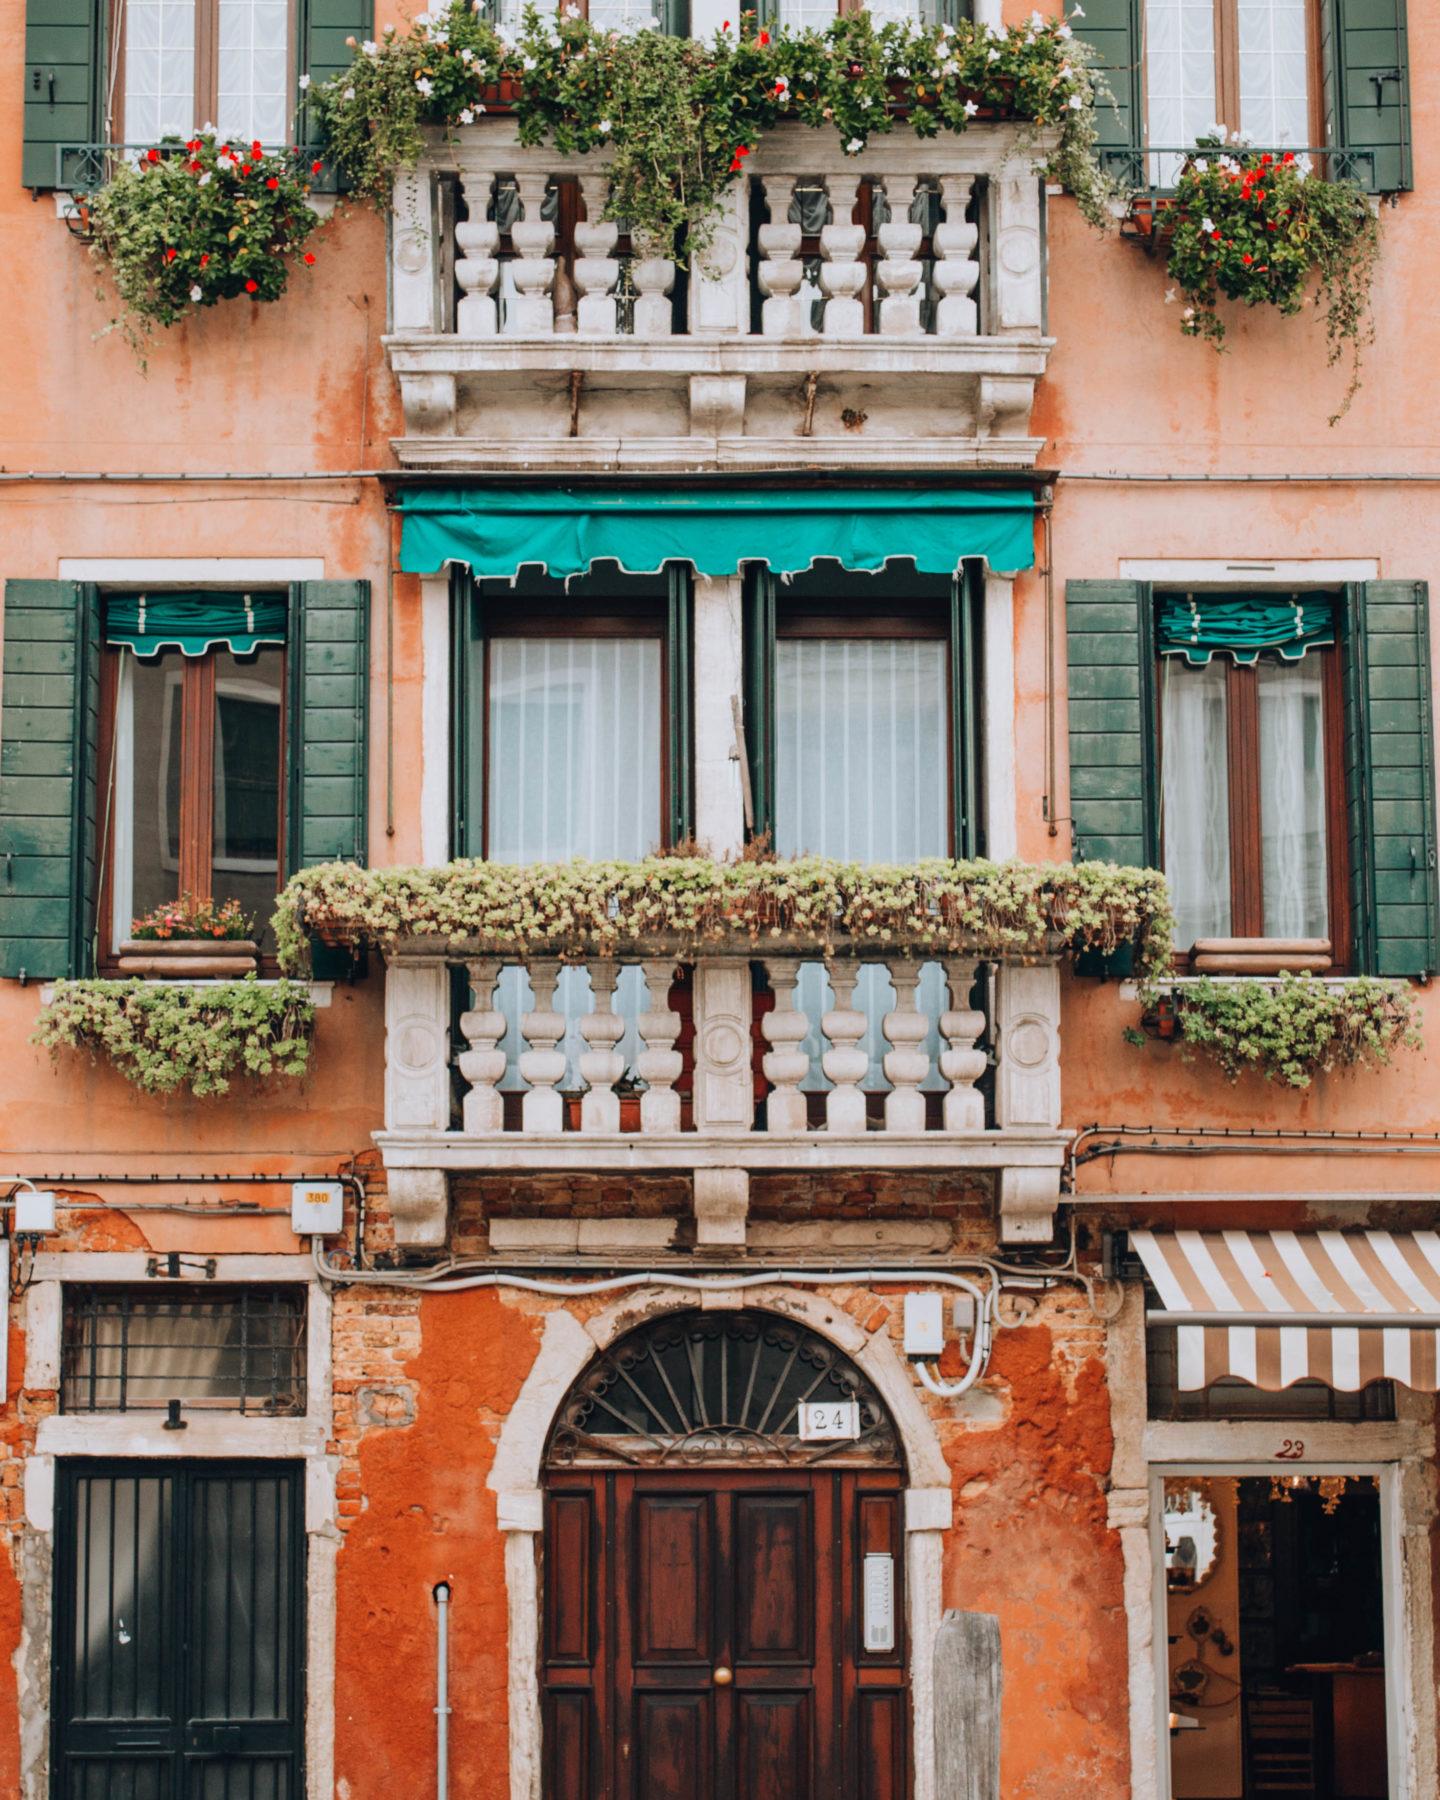 facciata di palazzo con balcone fiorito